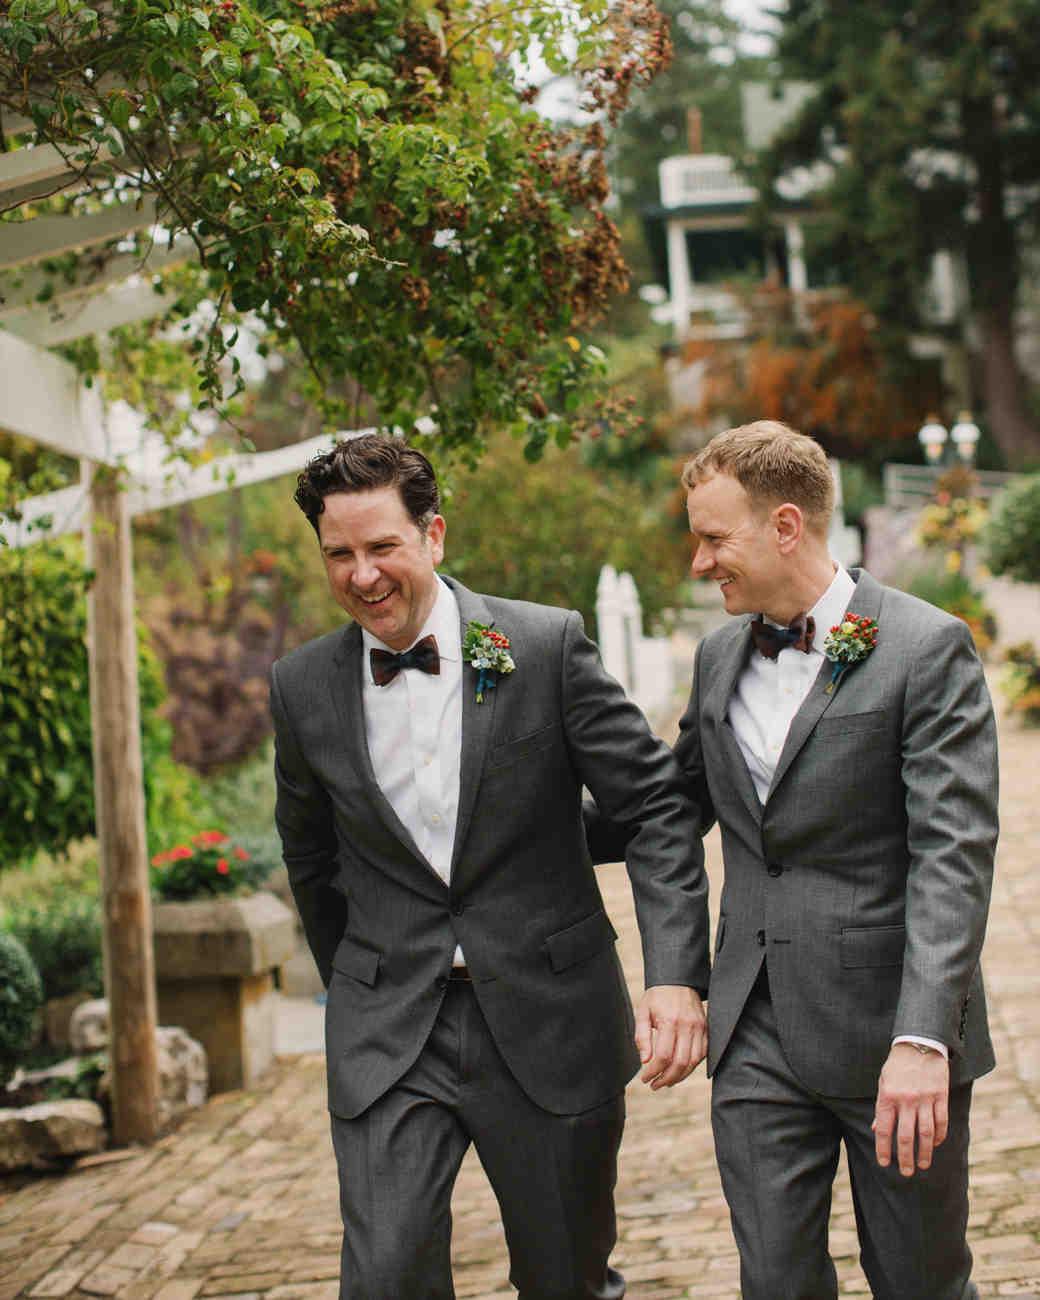 craig-andrew-wedding-couple-233-s111833-0215.jpg